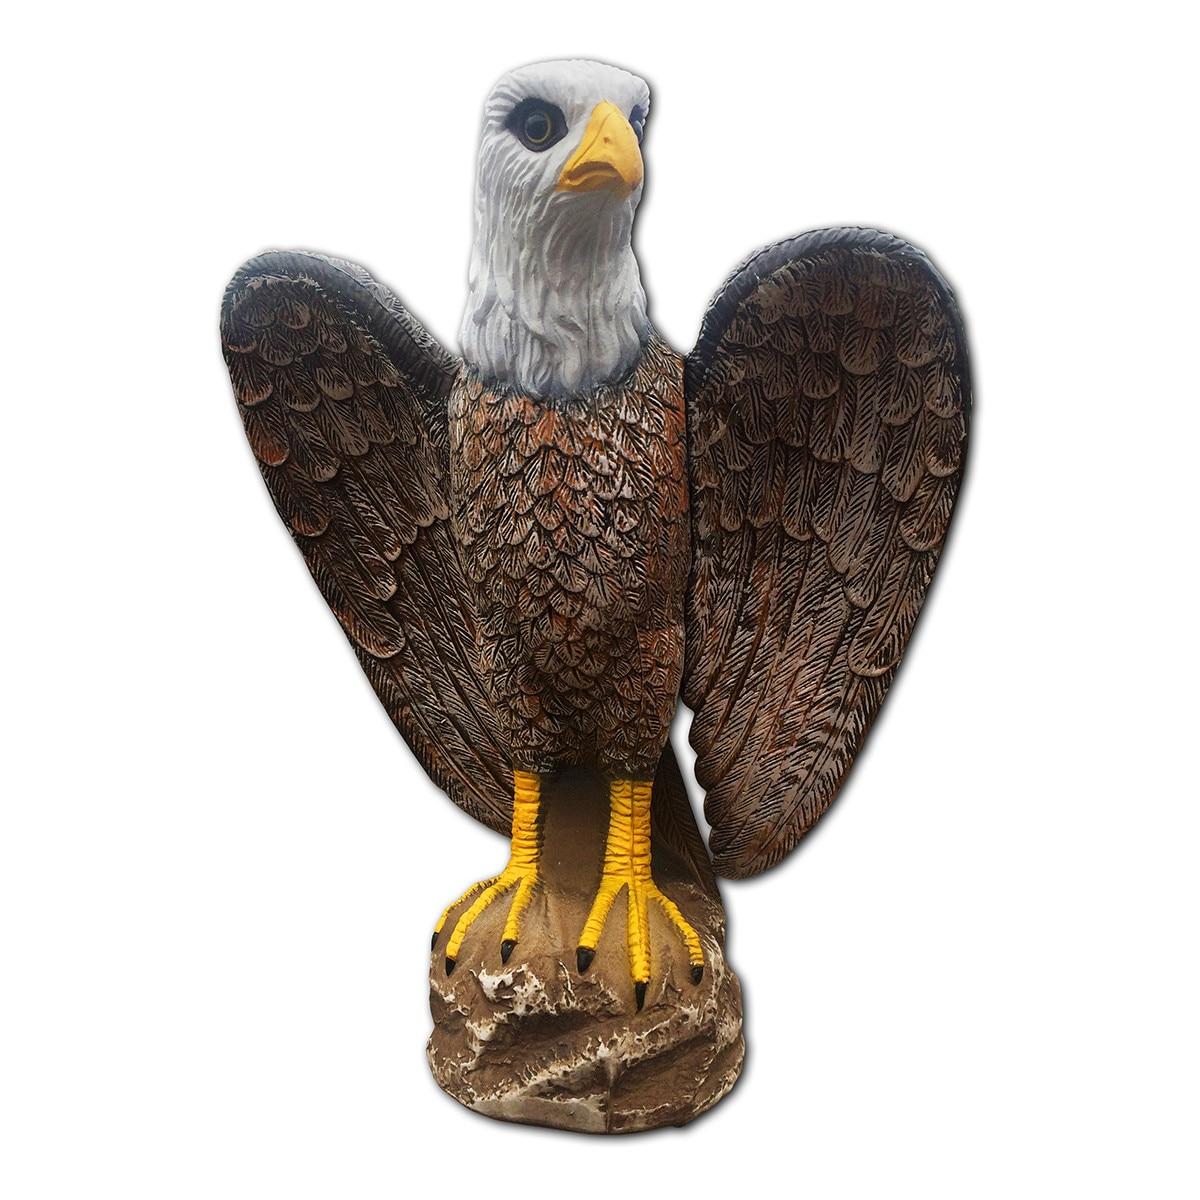 cumpărare de artropant în vultur crize și durere în oase și articulații